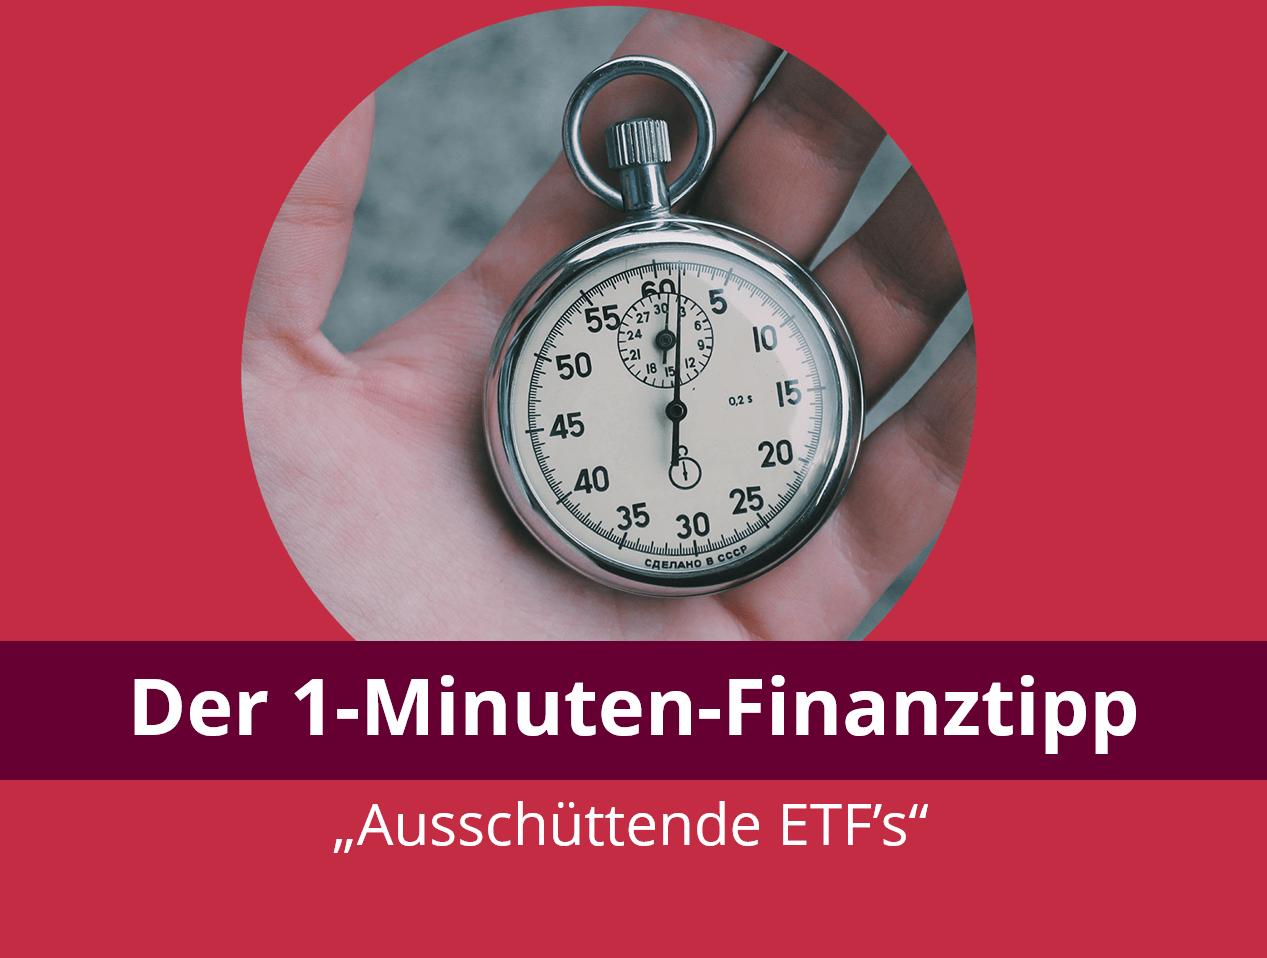 1-Minuten-Finanztipp: Ausschüttende ETF's